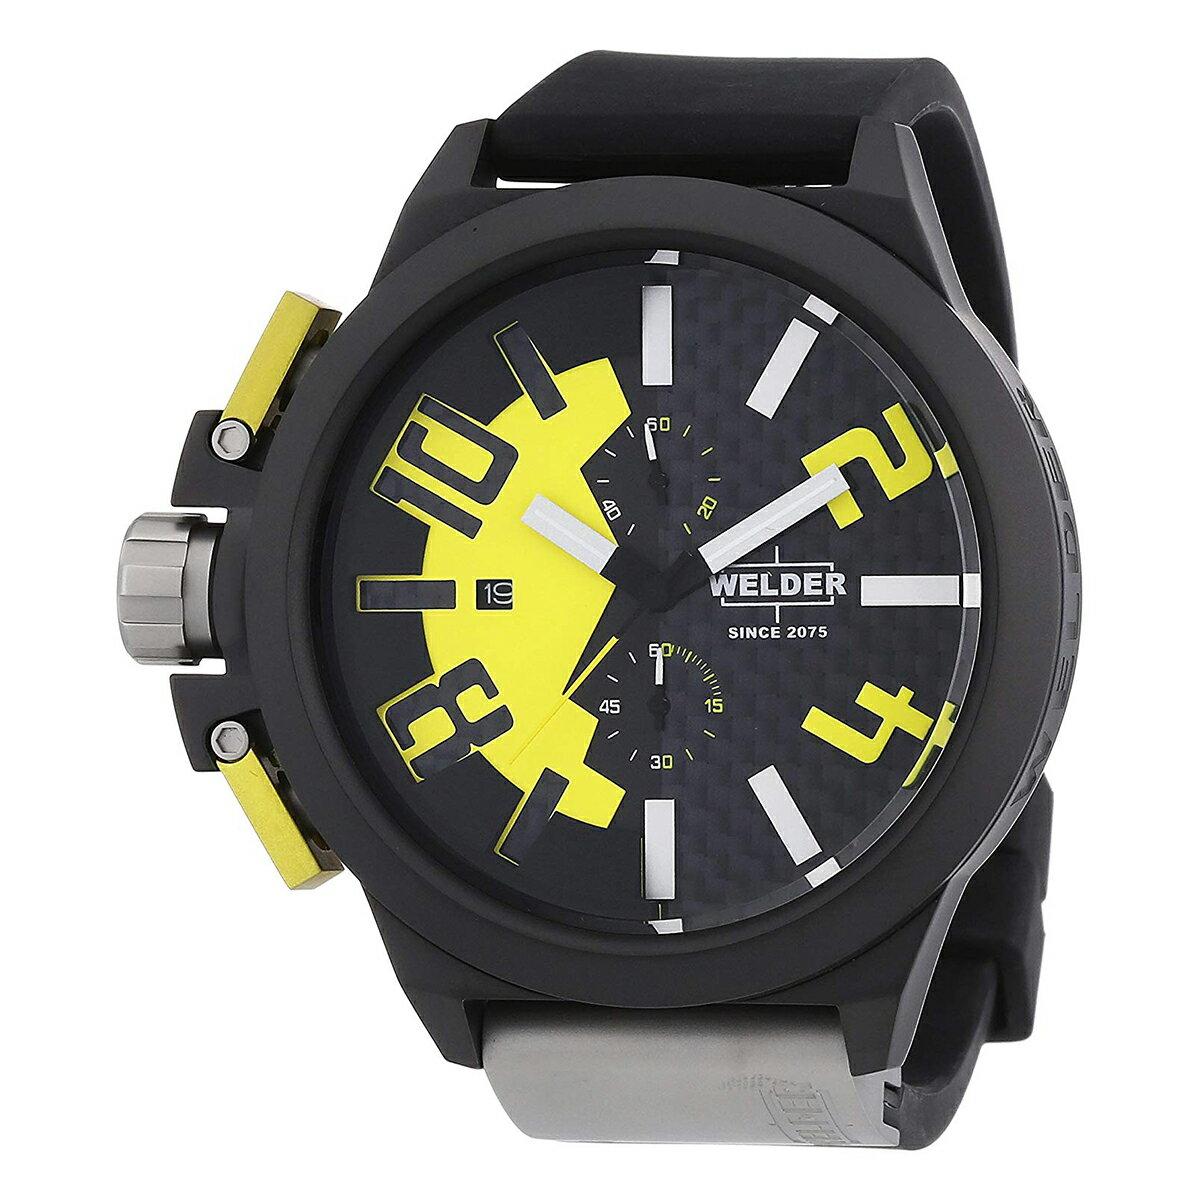 【ポイント10倍】【残り1点】WELDER ウェルダー U-BOAT ユーボート クォーツ 腕時計 メンズ おしゃれ [K35-W2502] 並行輸入品 メーカー保証24ヵ月 純正ケース付き